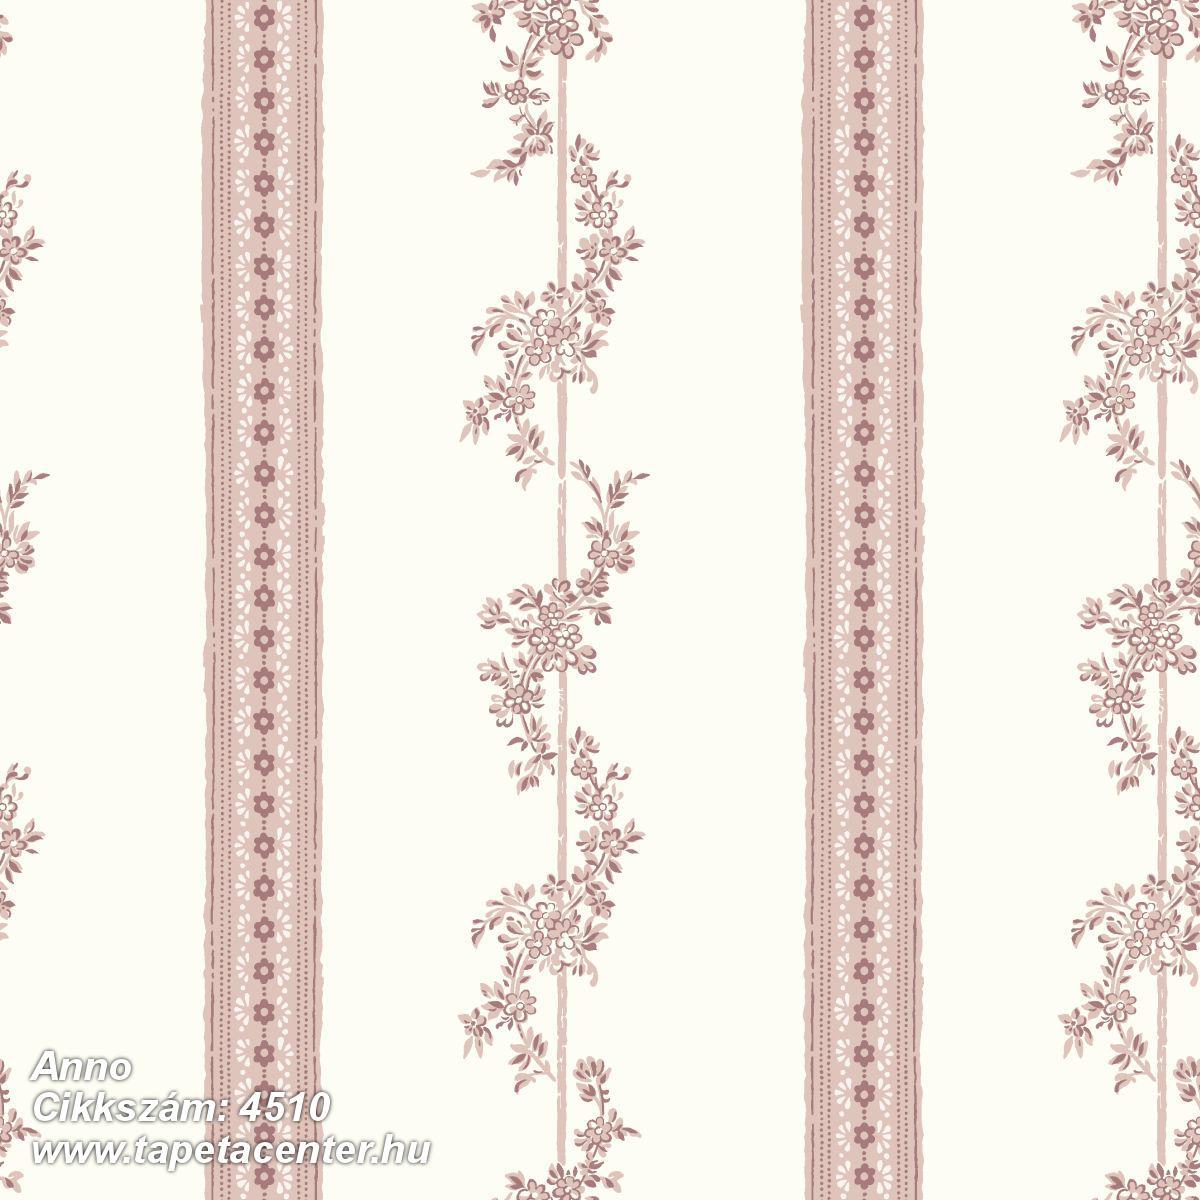 Barokk-klasszikus,különleges motívumos,rajzolt,retro,virágmintás,fehér,narancs-terrakotta,lemosható,vlies tapéta